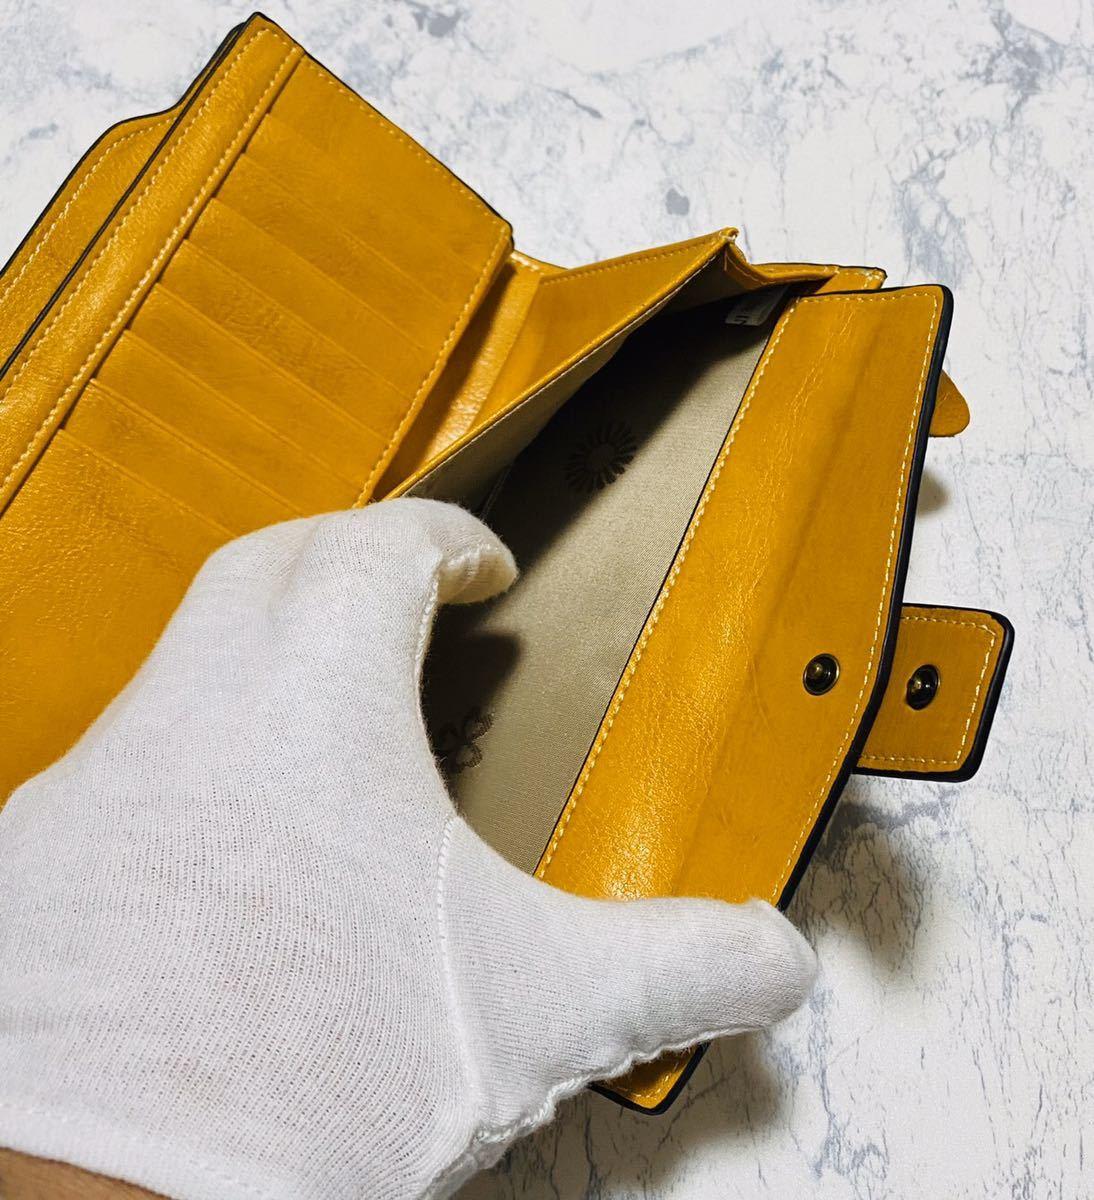 大容量 牛革 財布 カード21枚収納 二つ折り 折財布 スマホ収納可能 本革 メンズ レディス イエロー_画像9